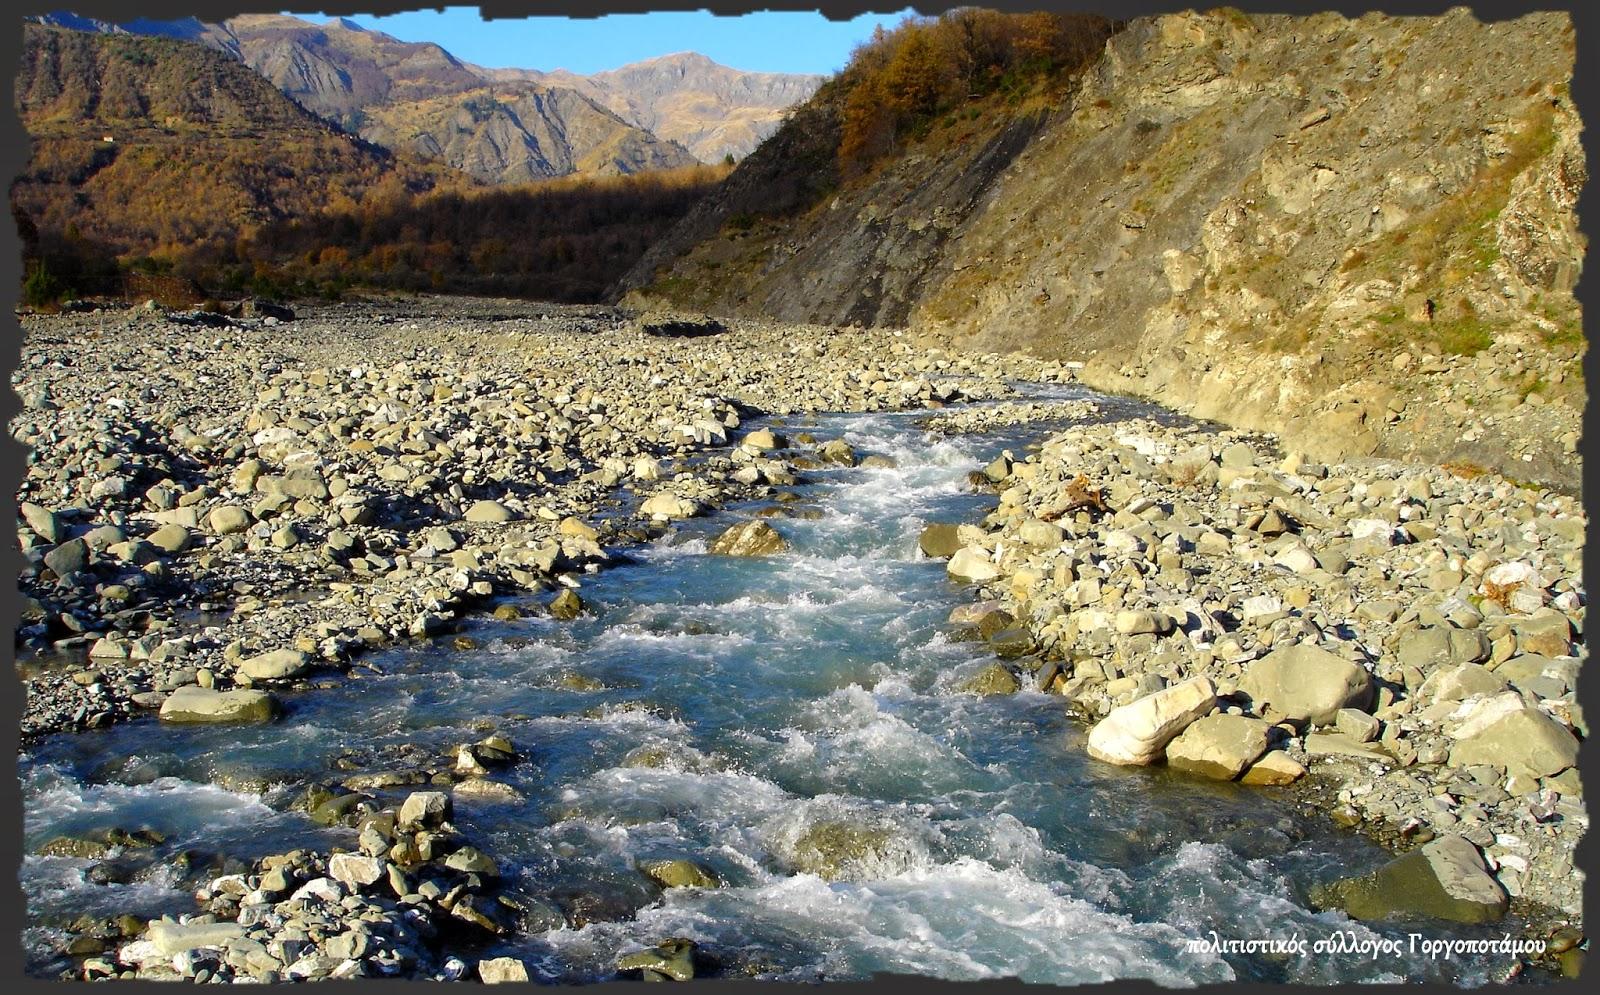 Γοργοπόταμος